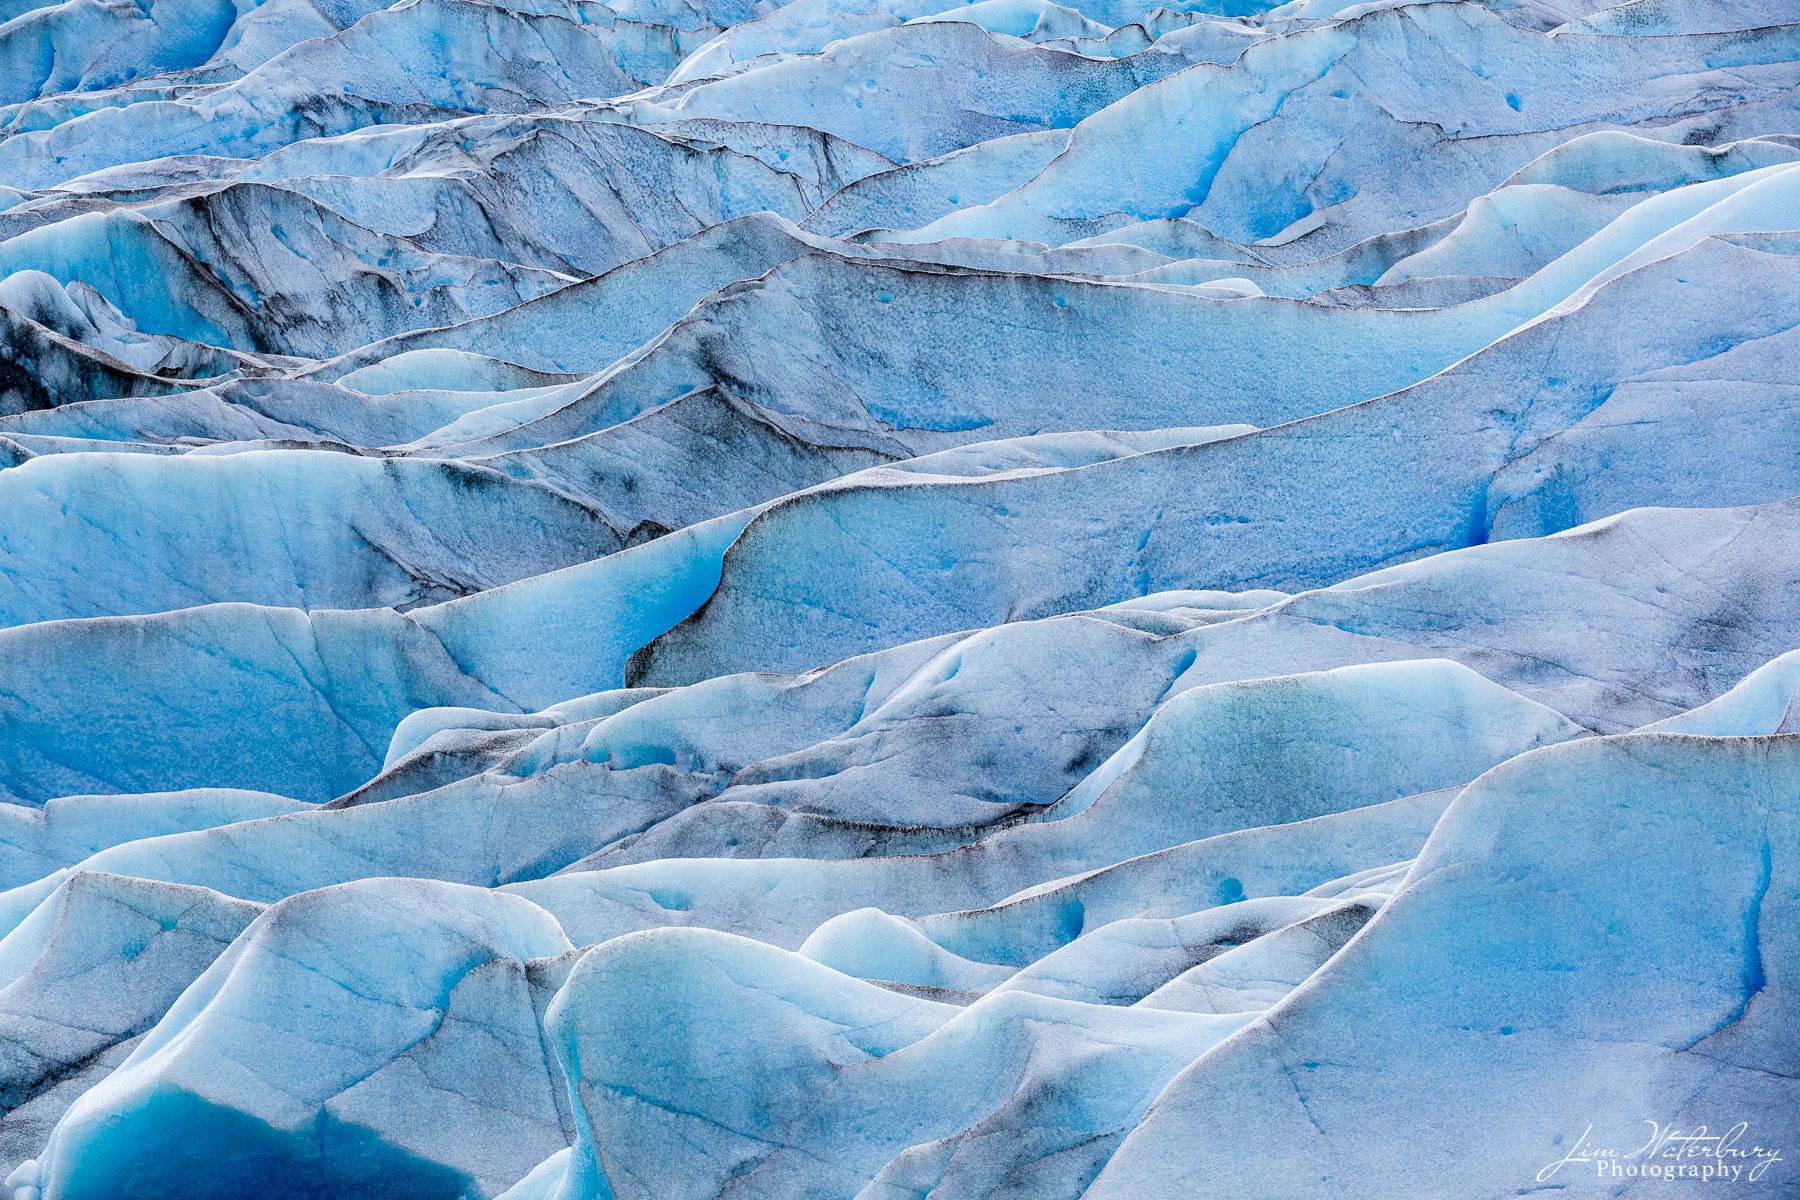 glacier, ice, national park, Torres del Paine, photo